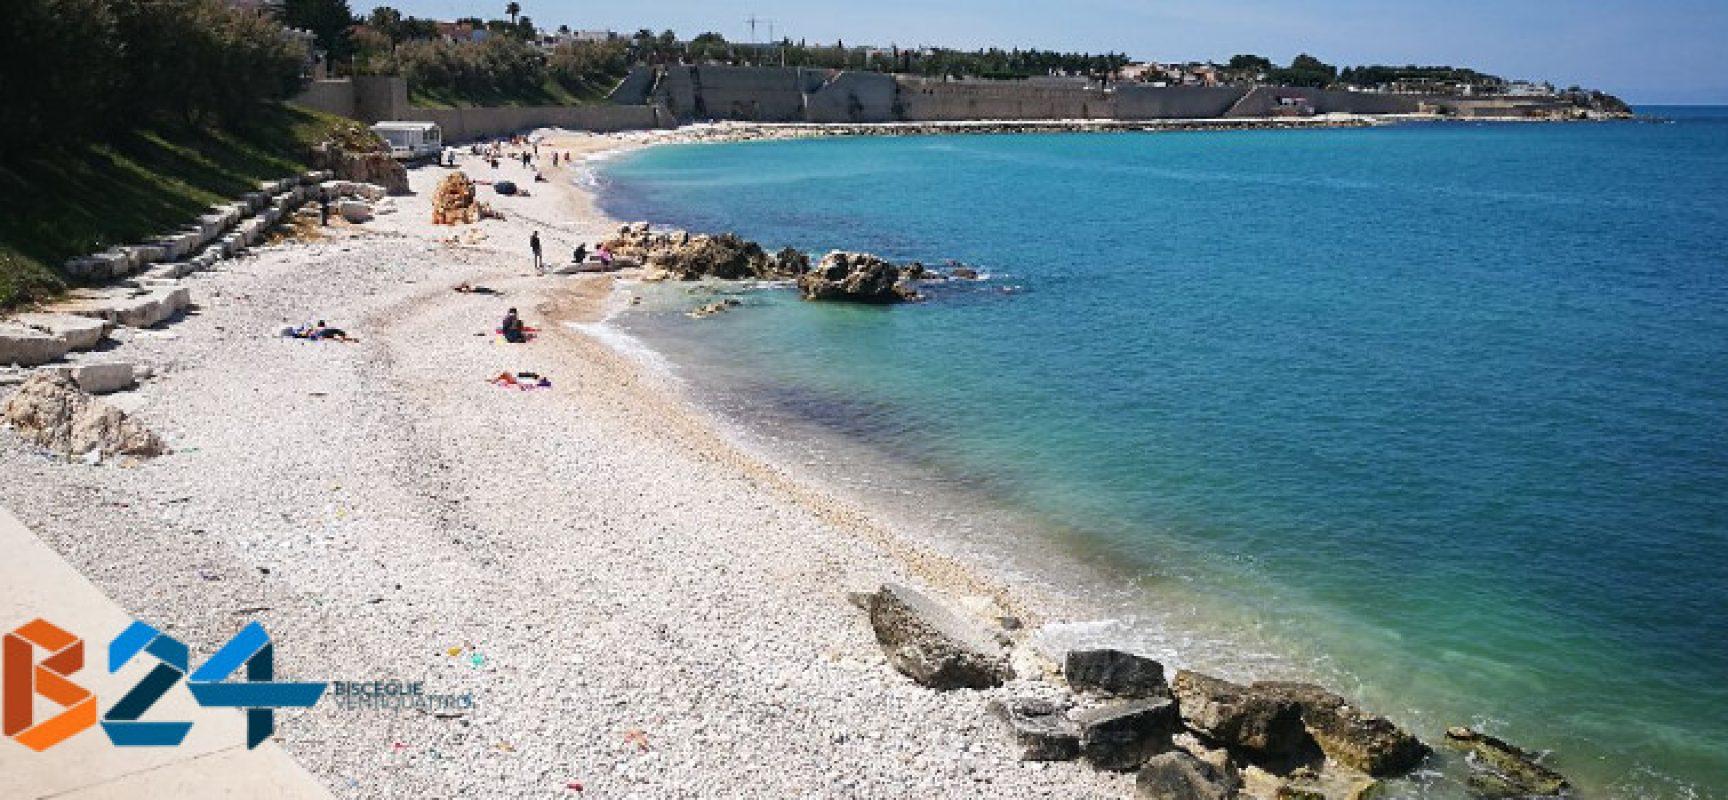 """Ruggieri: """"Nostre acque costiere in ottima salute e completamente balneabili"""""""